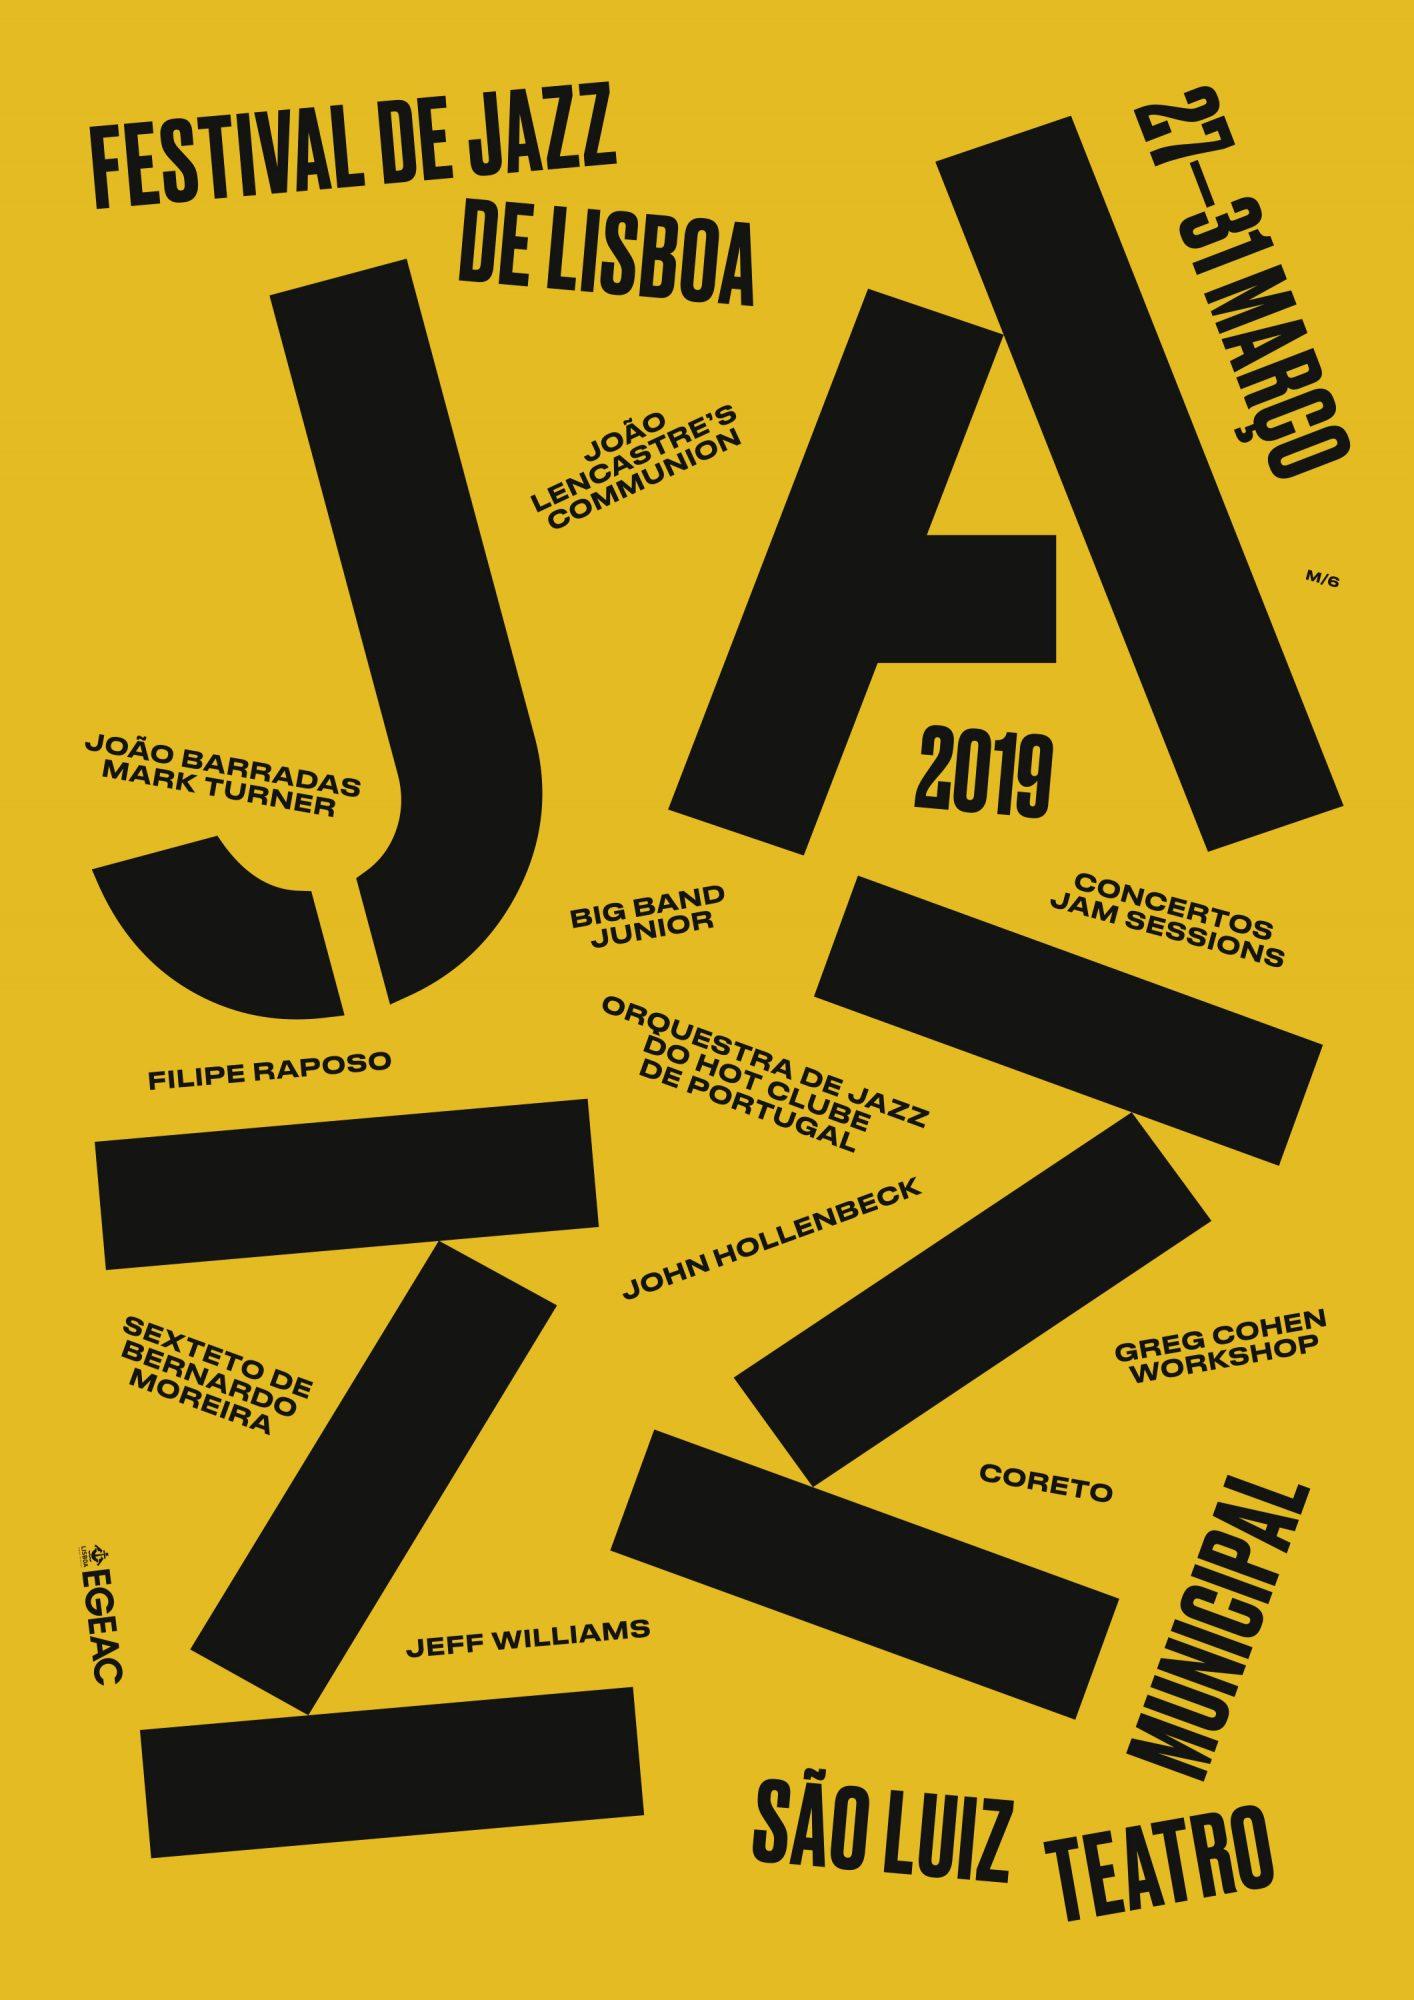 Festival de Jazz de Lisboa (versão 2), março 2019